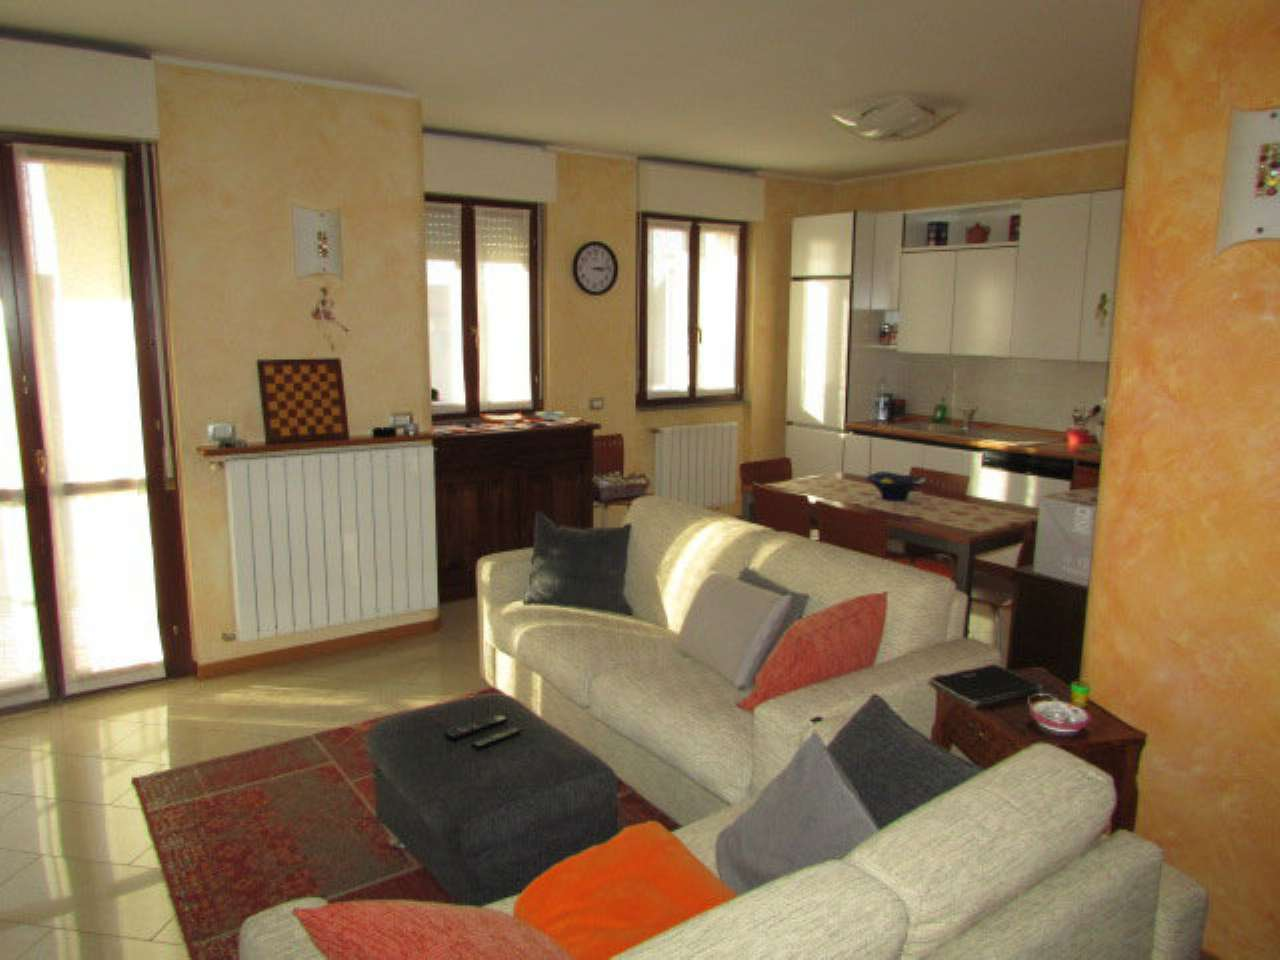 Appartamento in vendita a Figino Serenza, 3 locali, prezzo € 124.000 | PortaleAgenzieImmobiliari.it